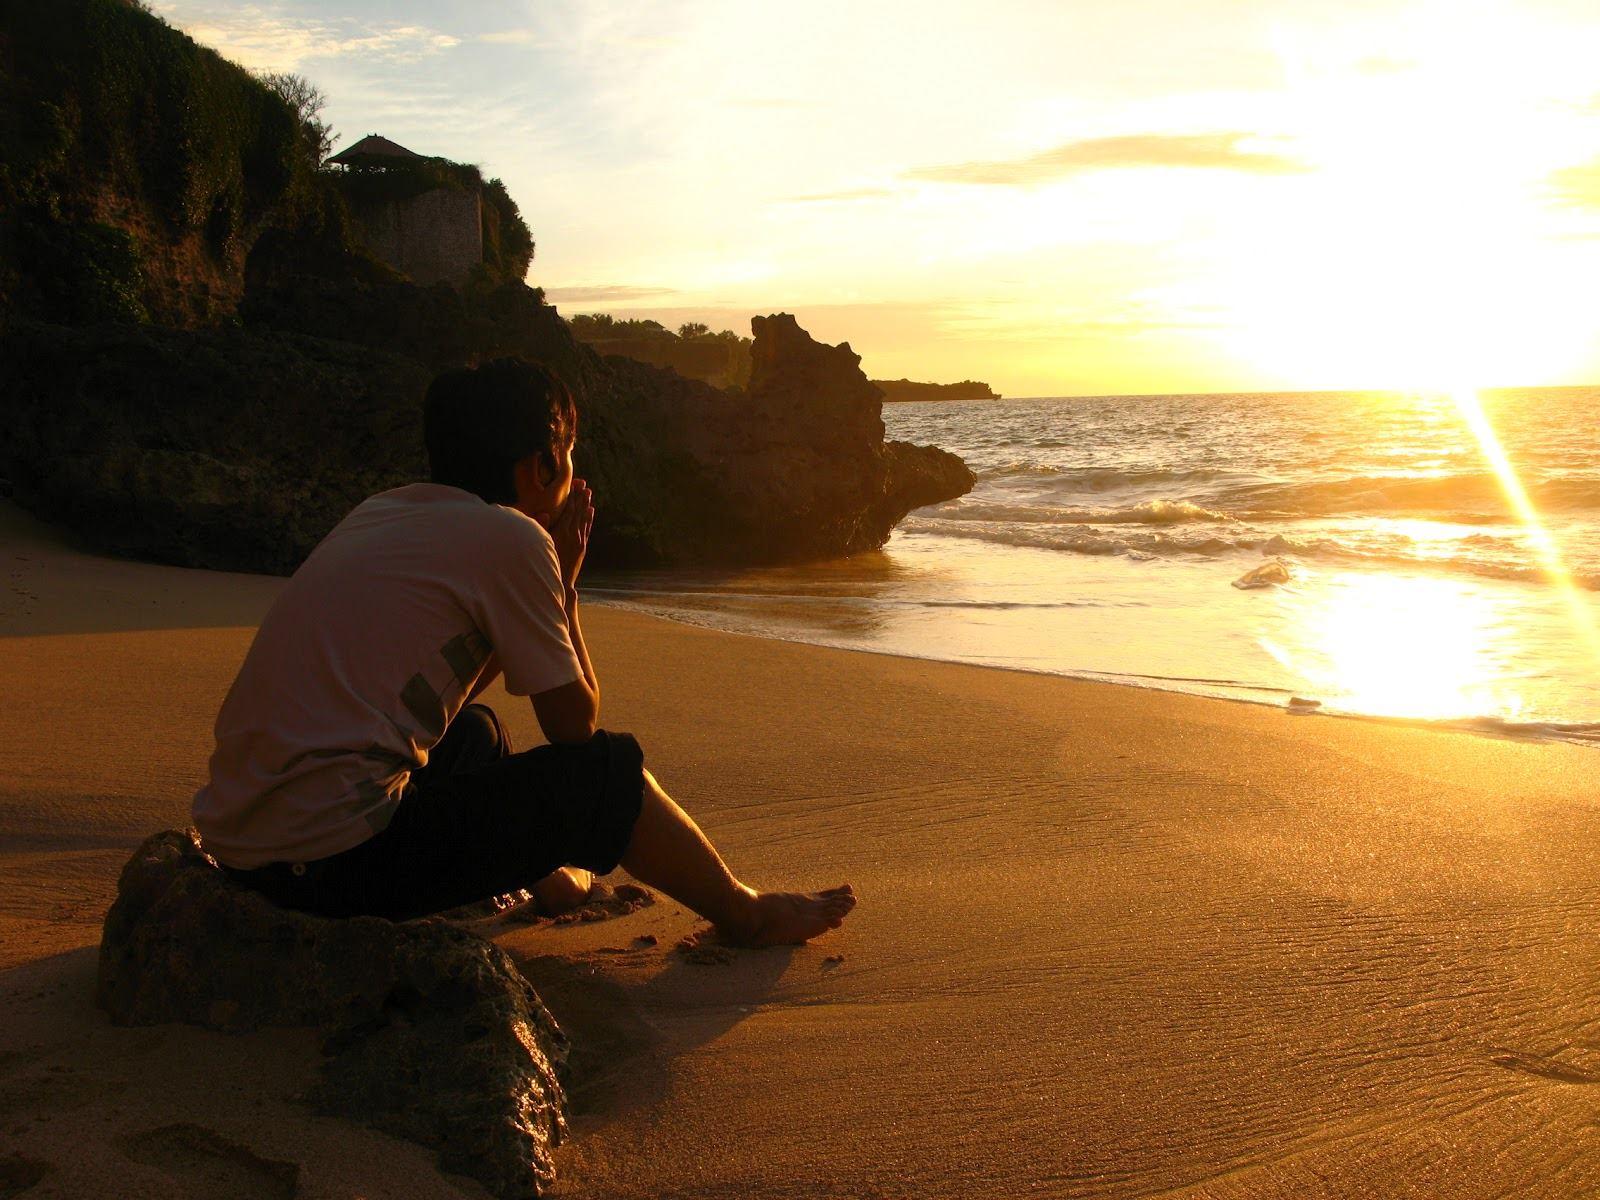 Resultado de imagen para hombre viendo el horizonte